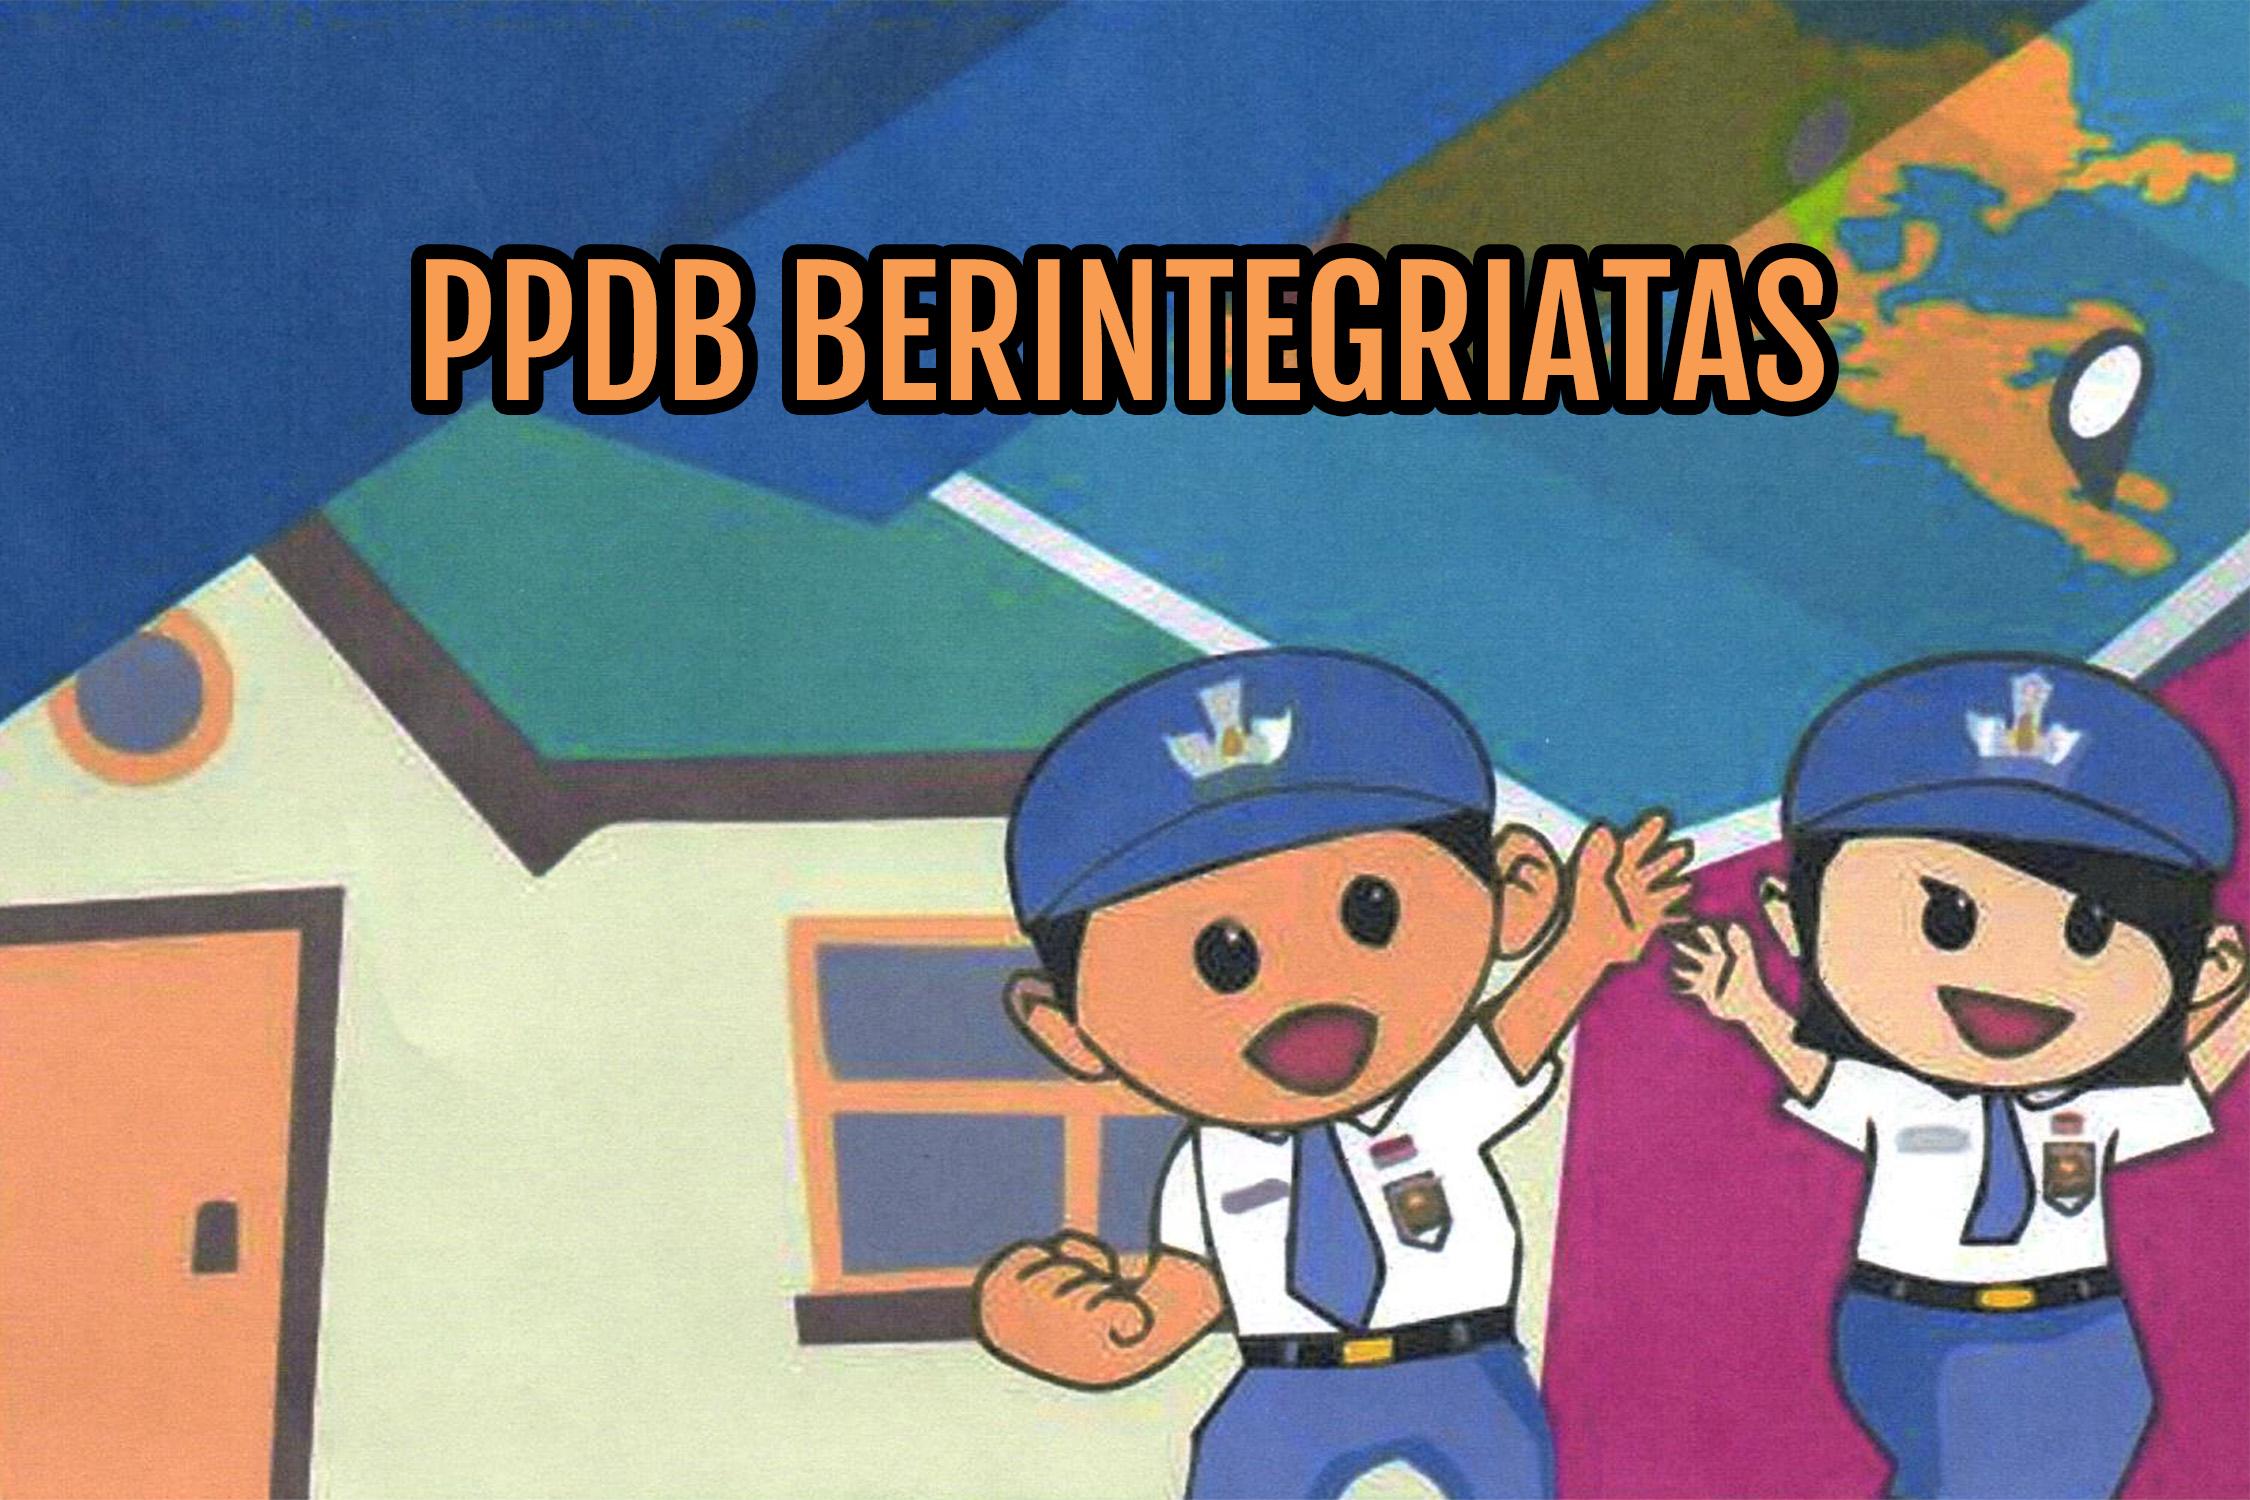 PPDB ONLINE TAHUN 2020 ADALAH PPDB BERINTEGRITAS